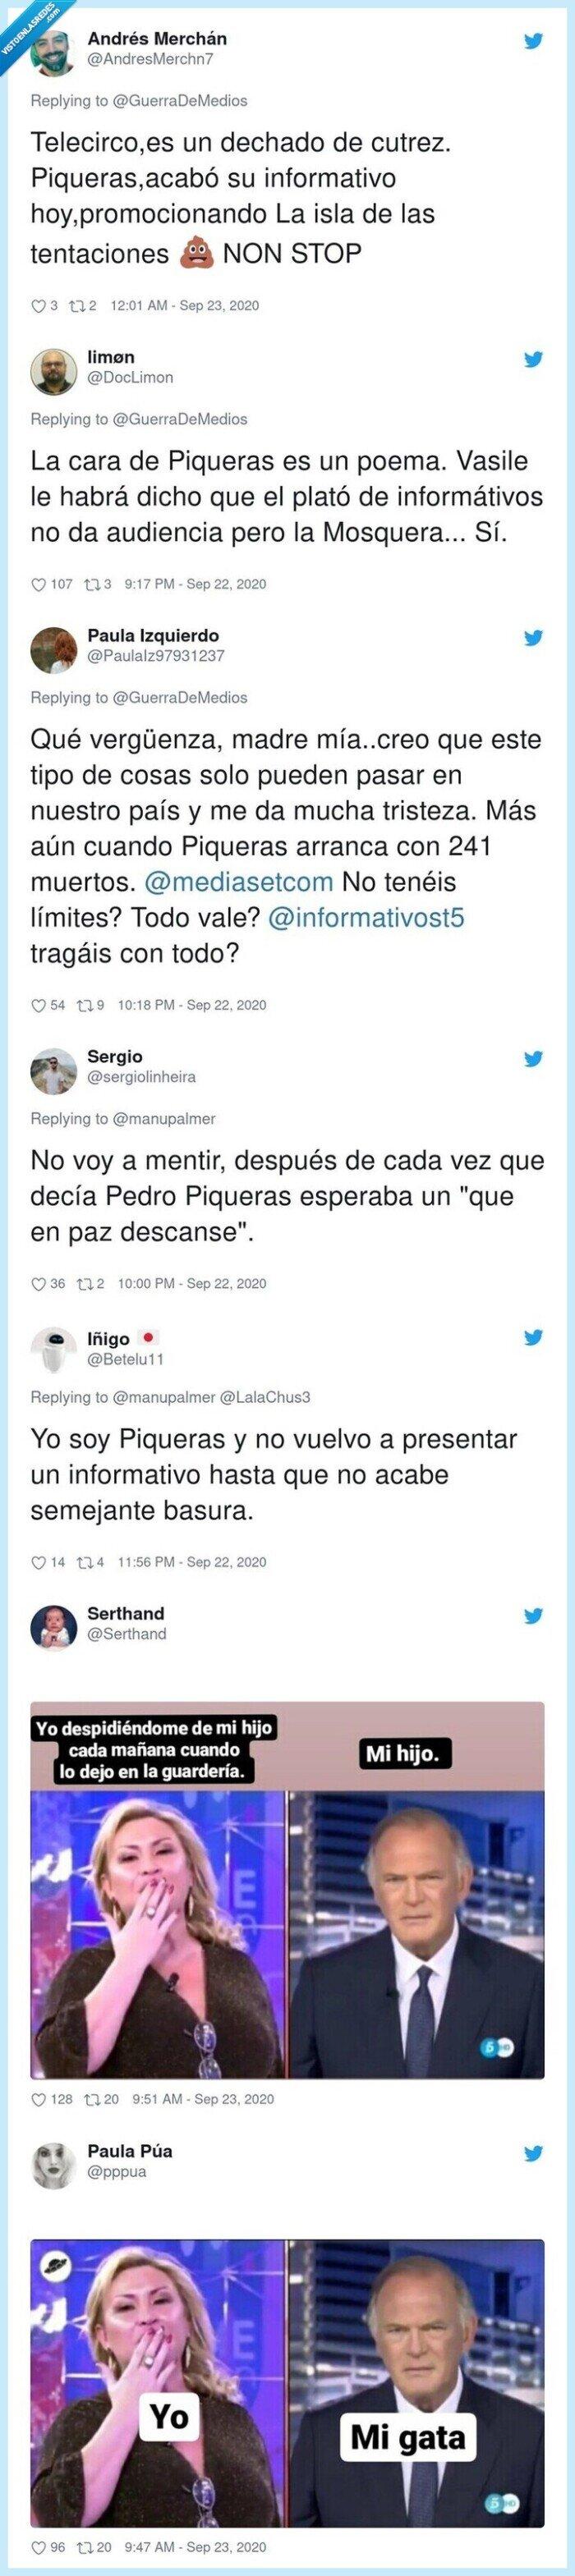 694747 - La transición surrealista de 'Sálvame' a los 'Informativos Telecinco' que ha dejado a Pedro Piqueras con el rostro totalmente desencajado